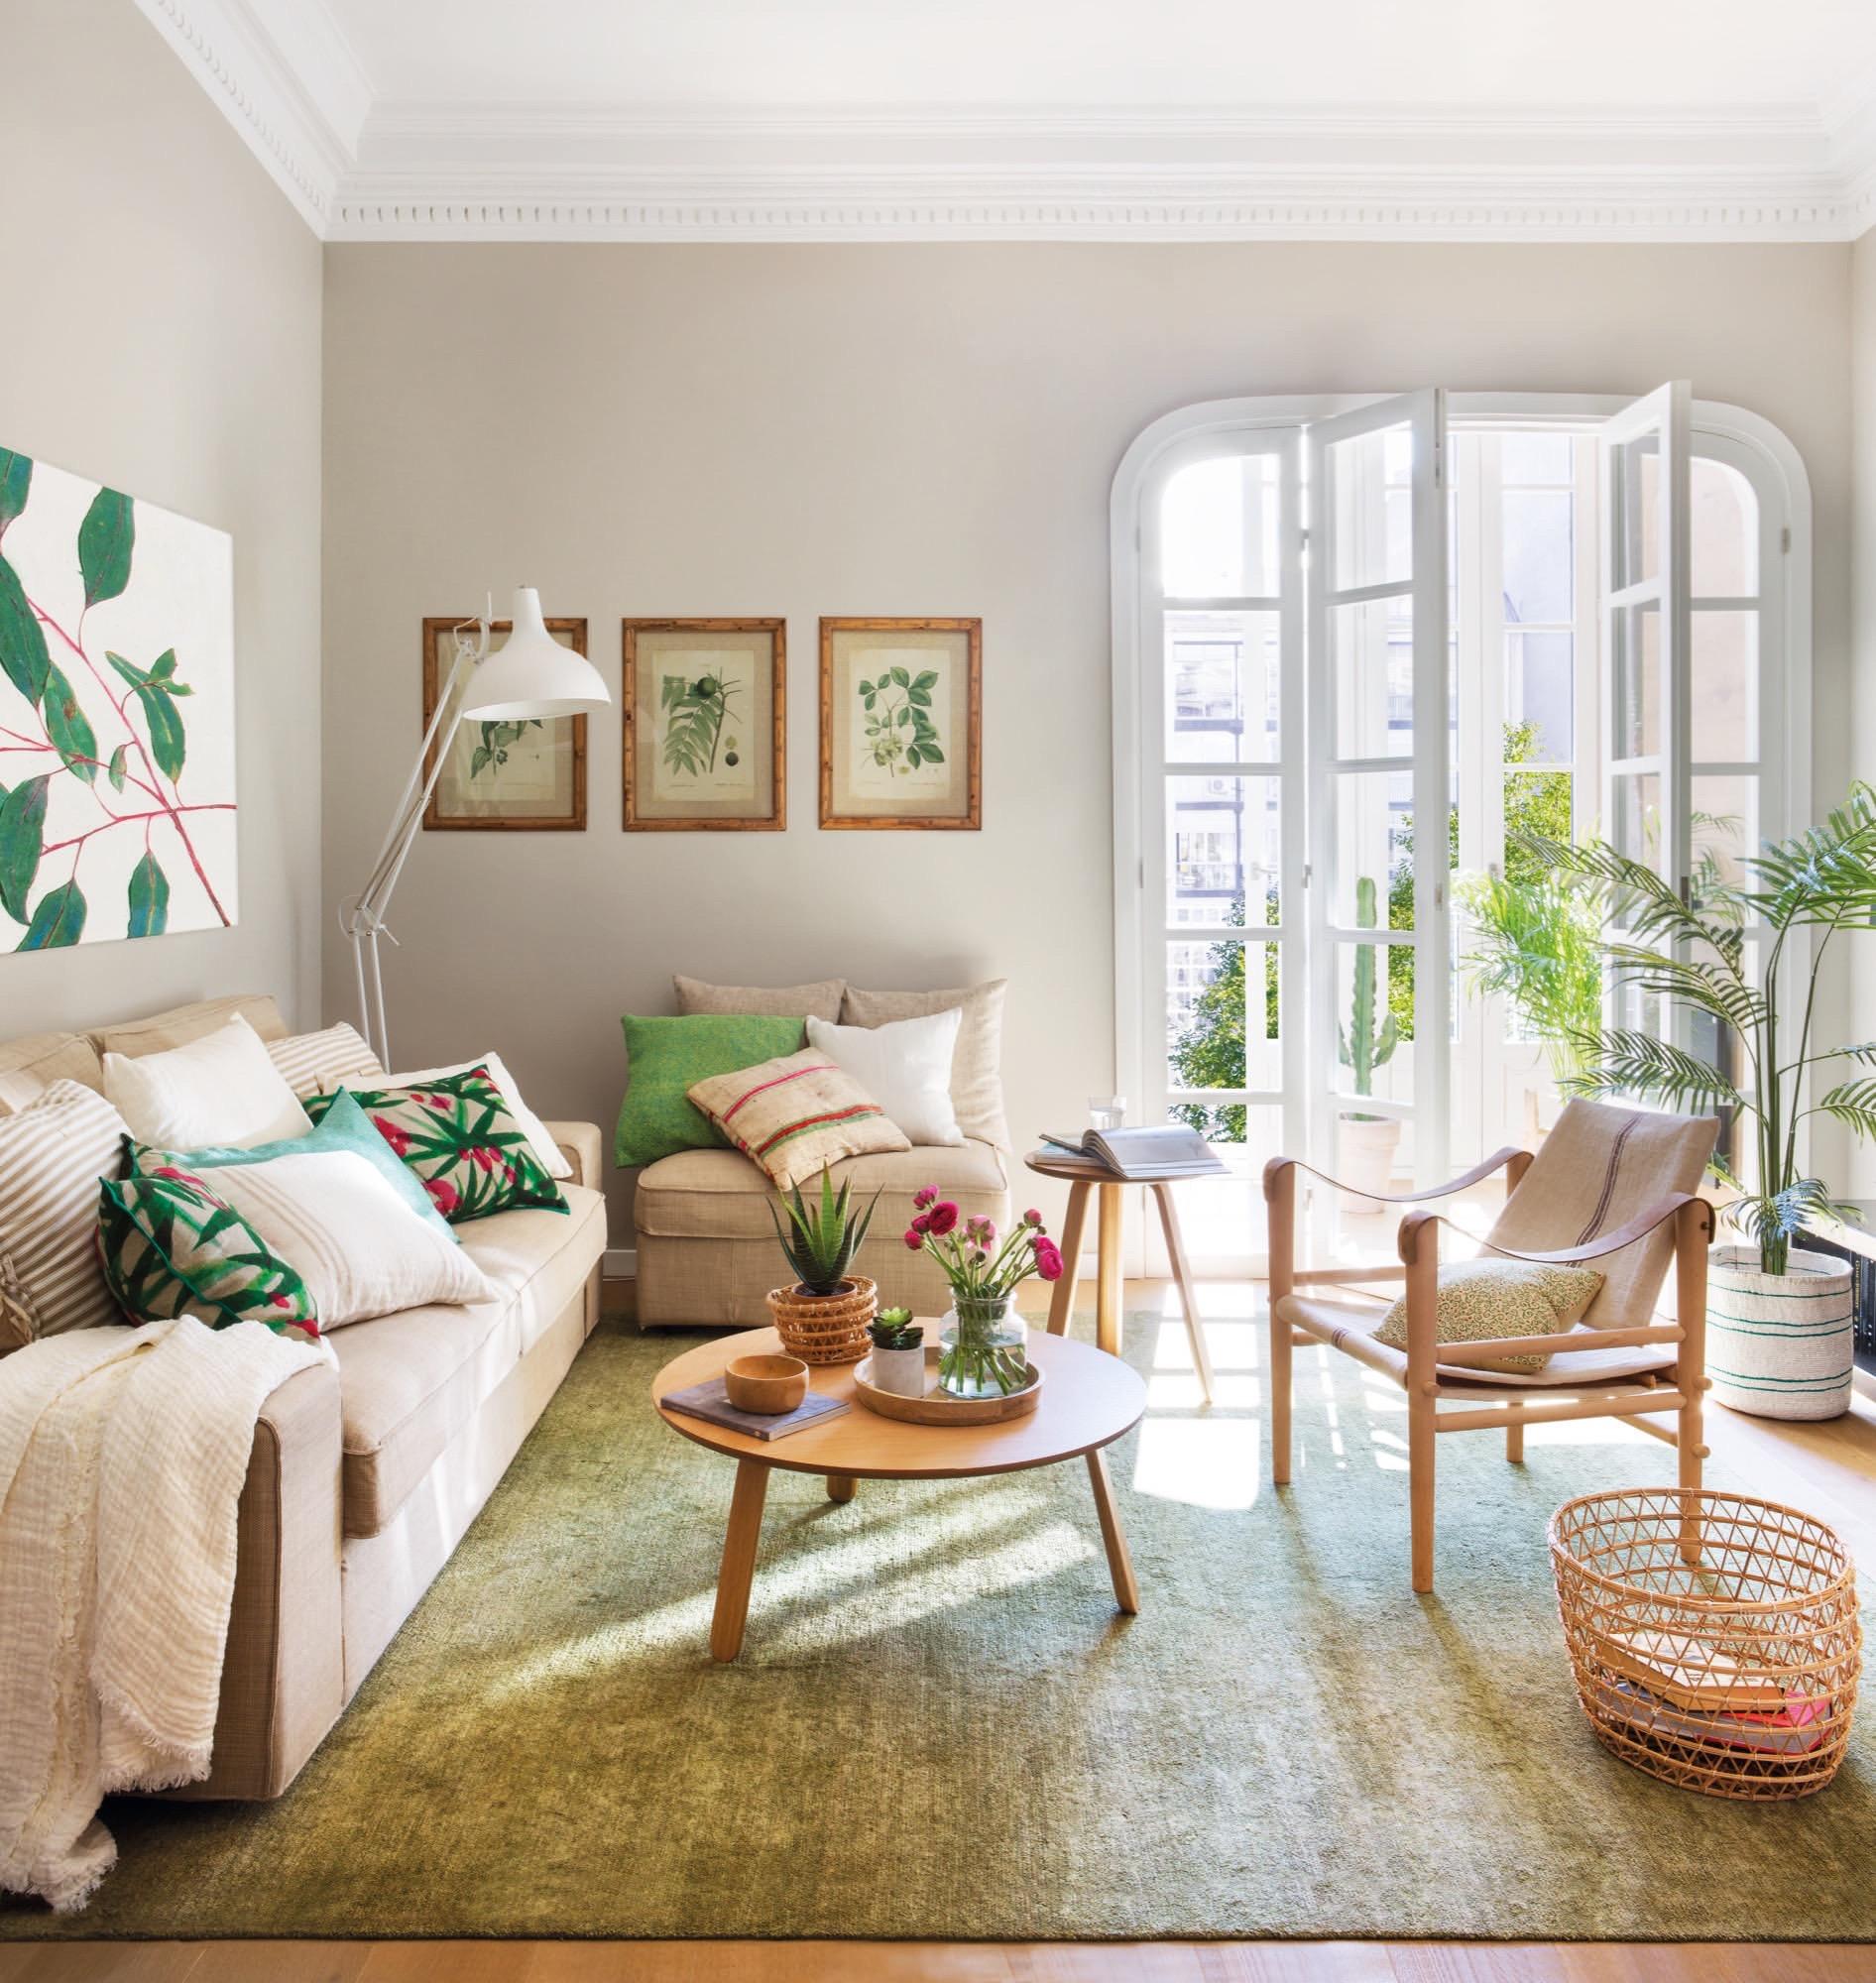 Un piso peque o y muy primaveral - Decoracion pisos pequenos ...